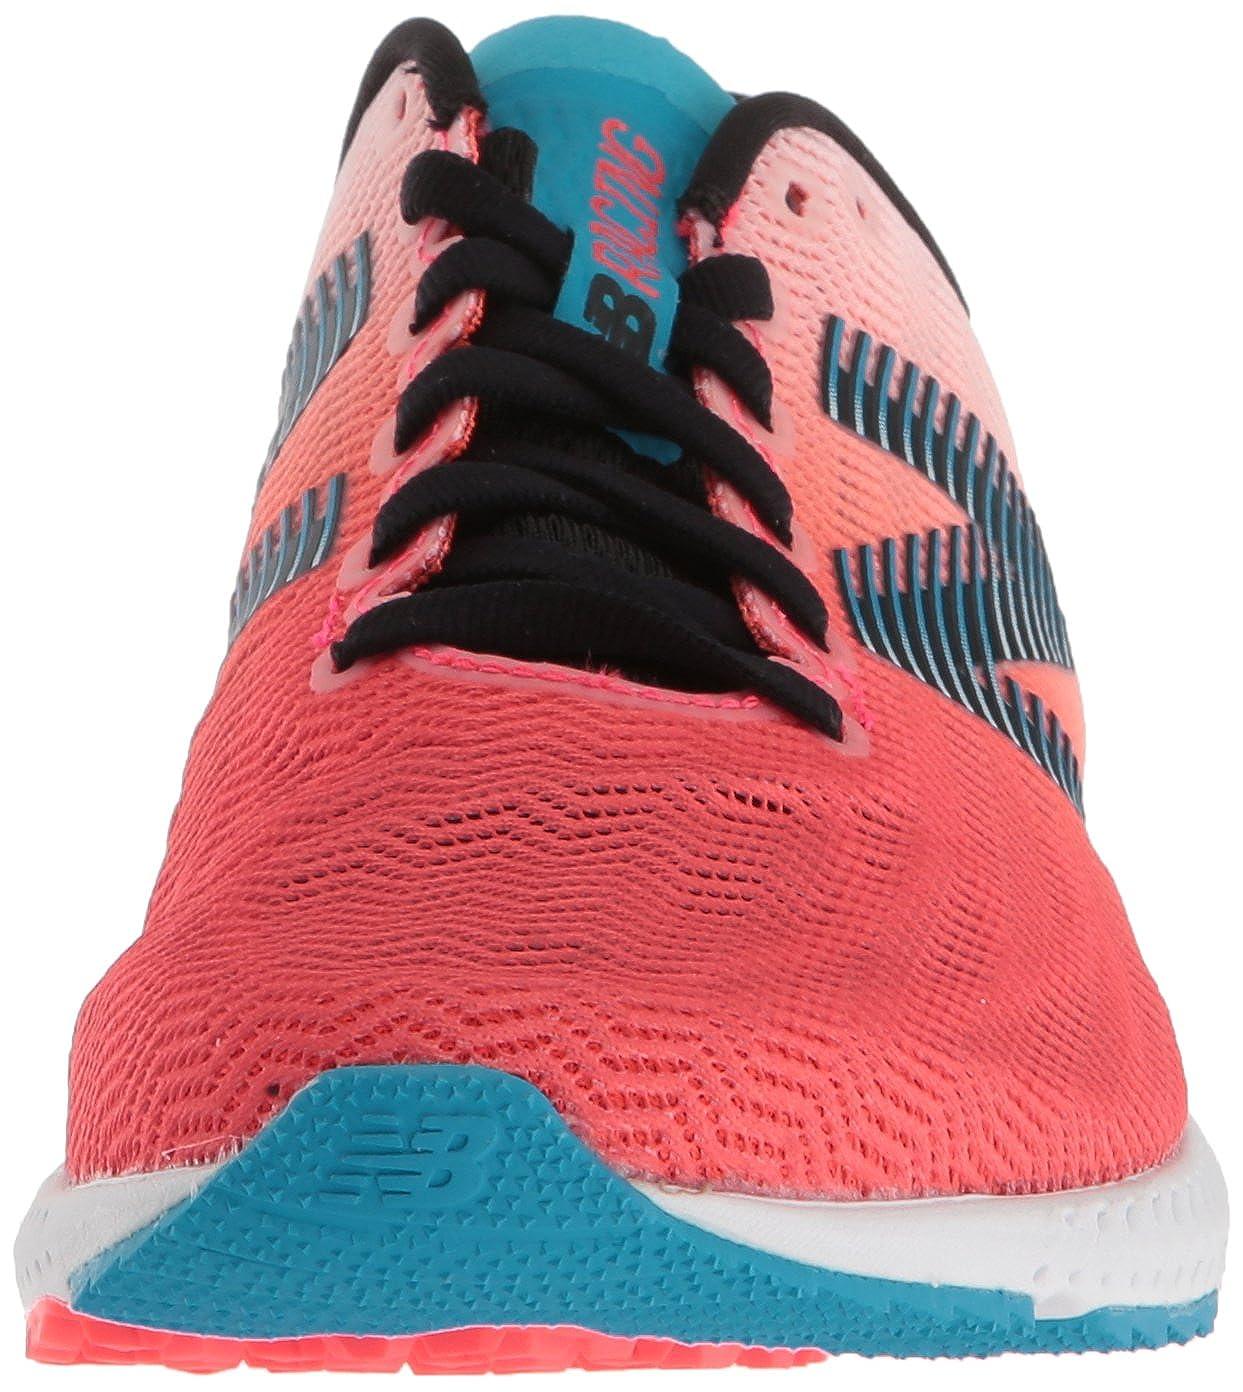 New Balance Damen Damen Damen 1400v6 Laufschuhe Pink/schwarz ba040b